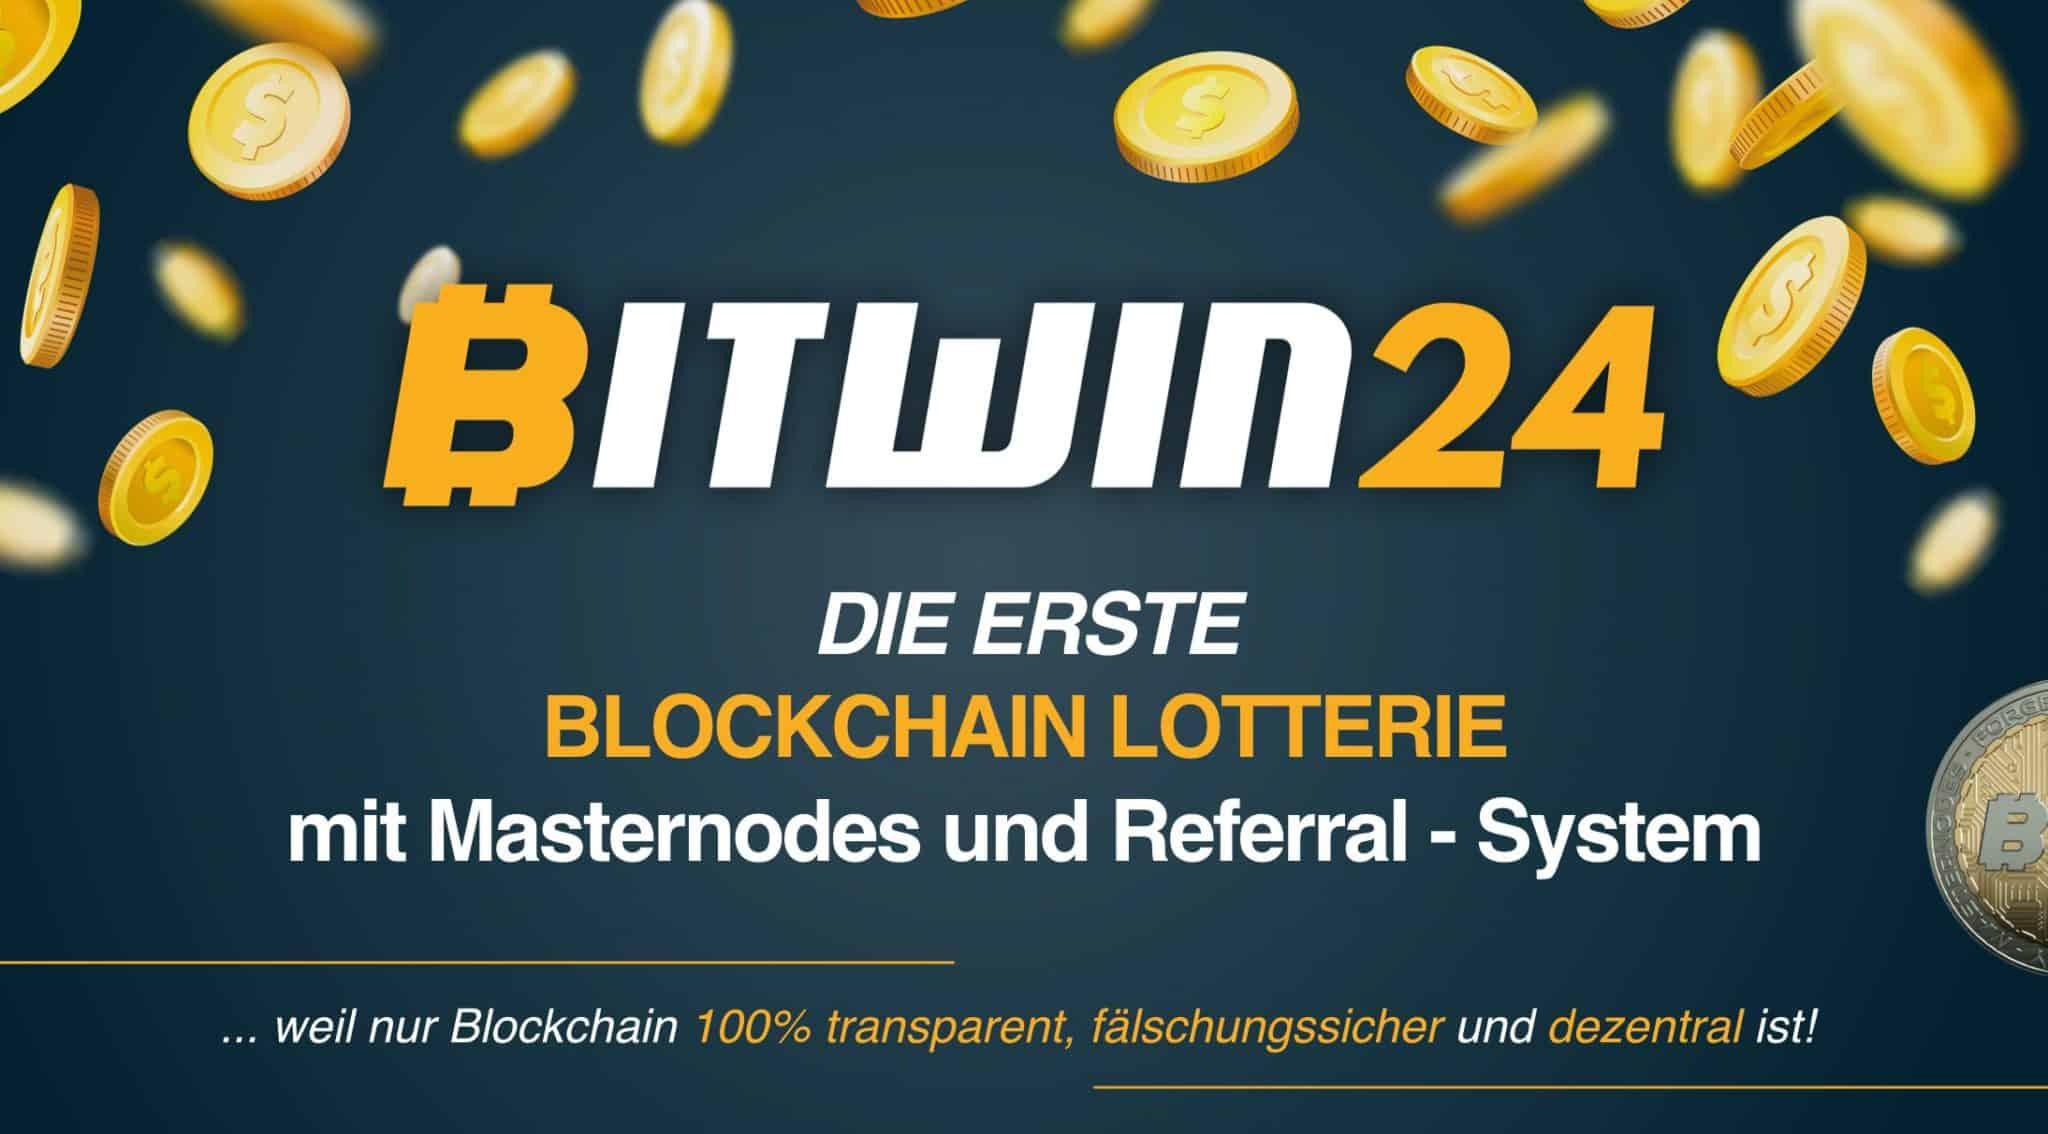 Bitwin24 Airdrop | Blockchain Lotterie der GetNode Gründer